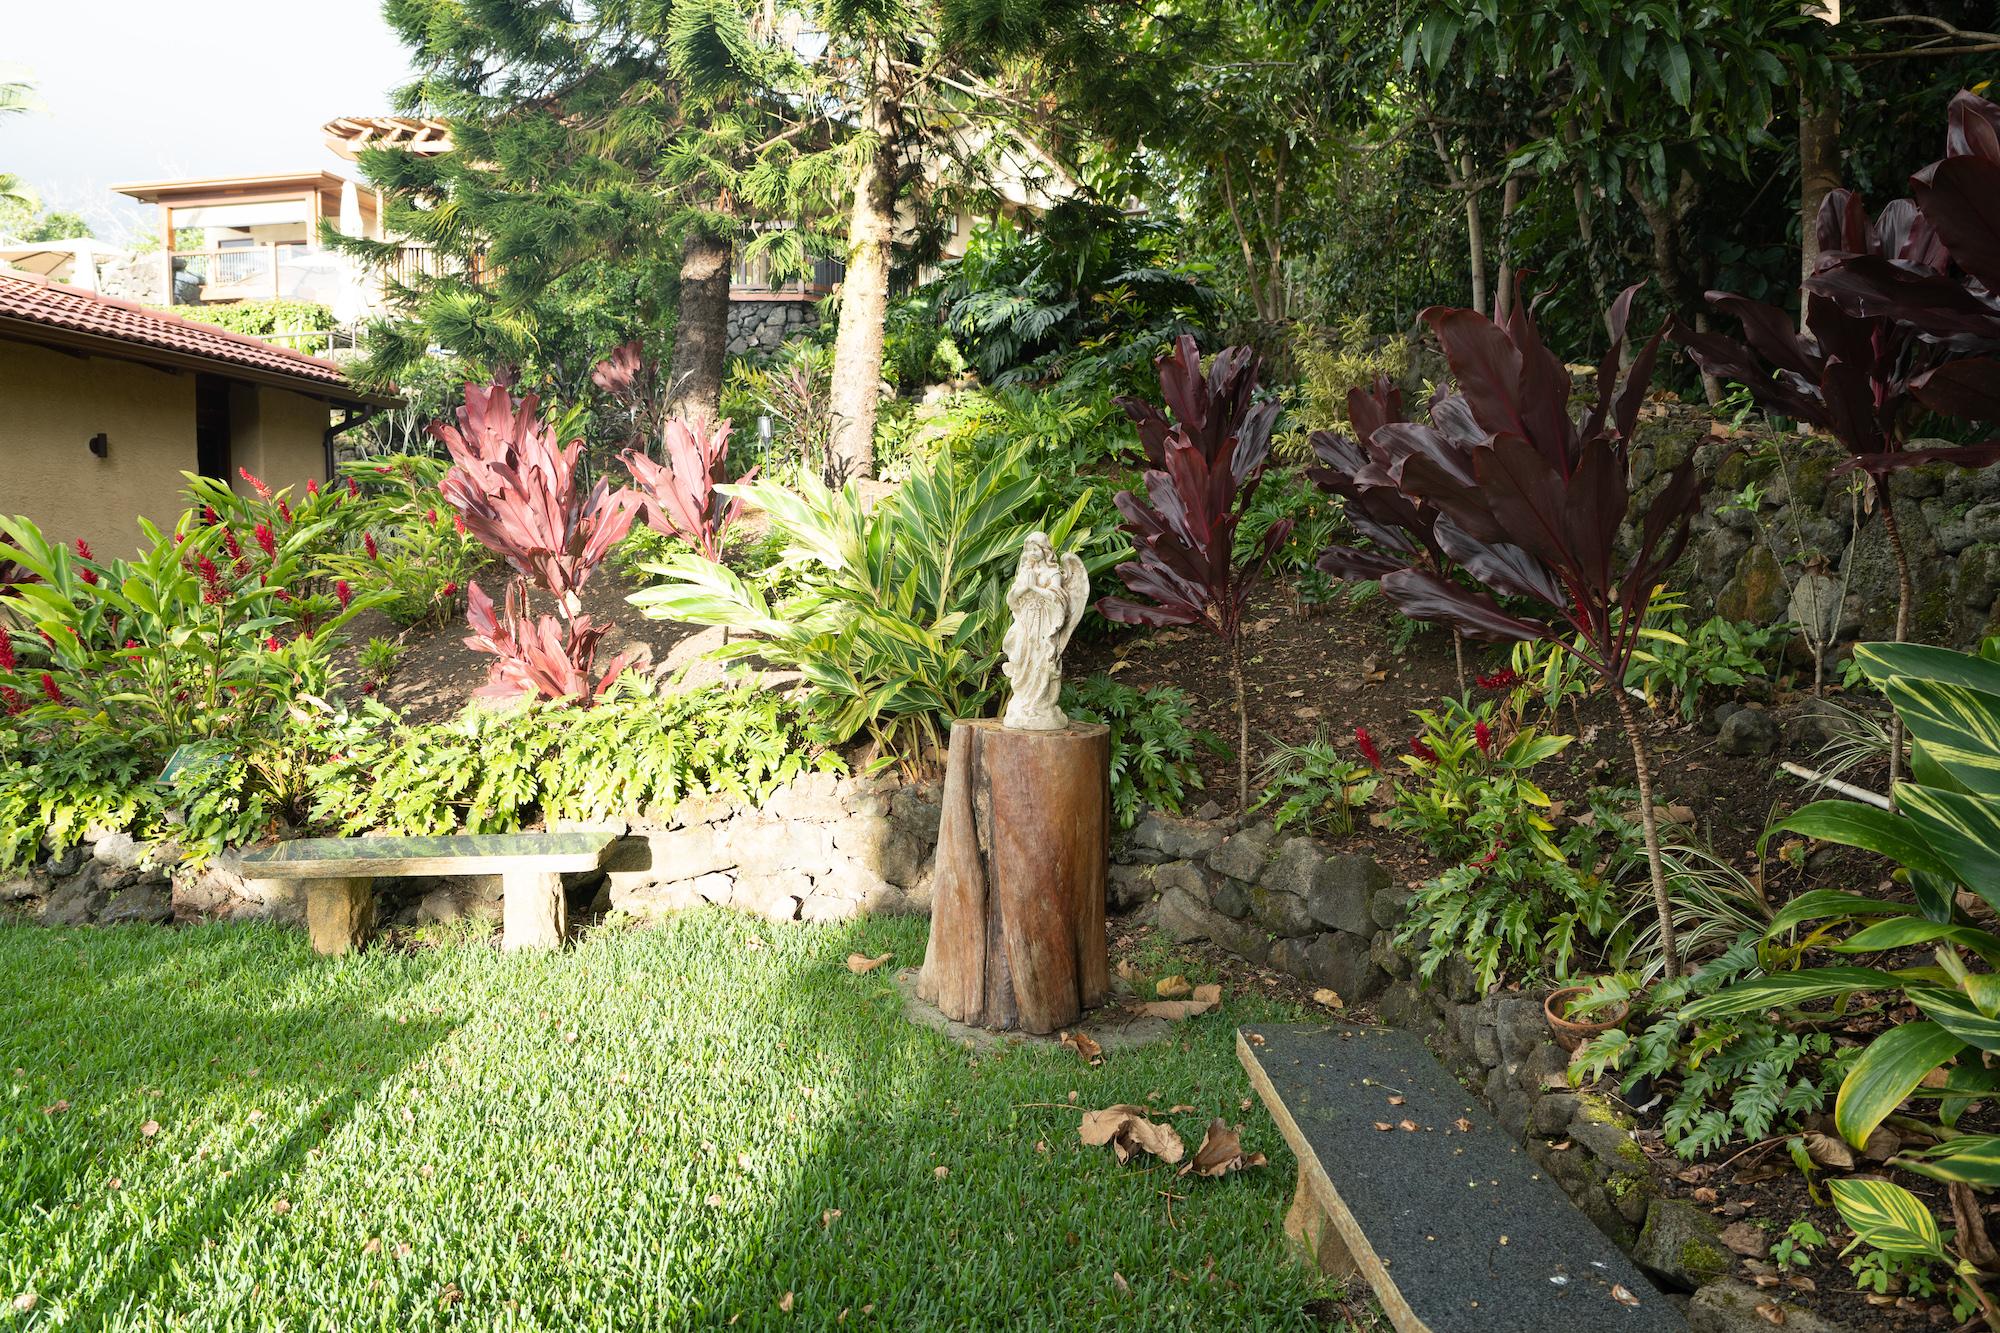 Hortense Garden